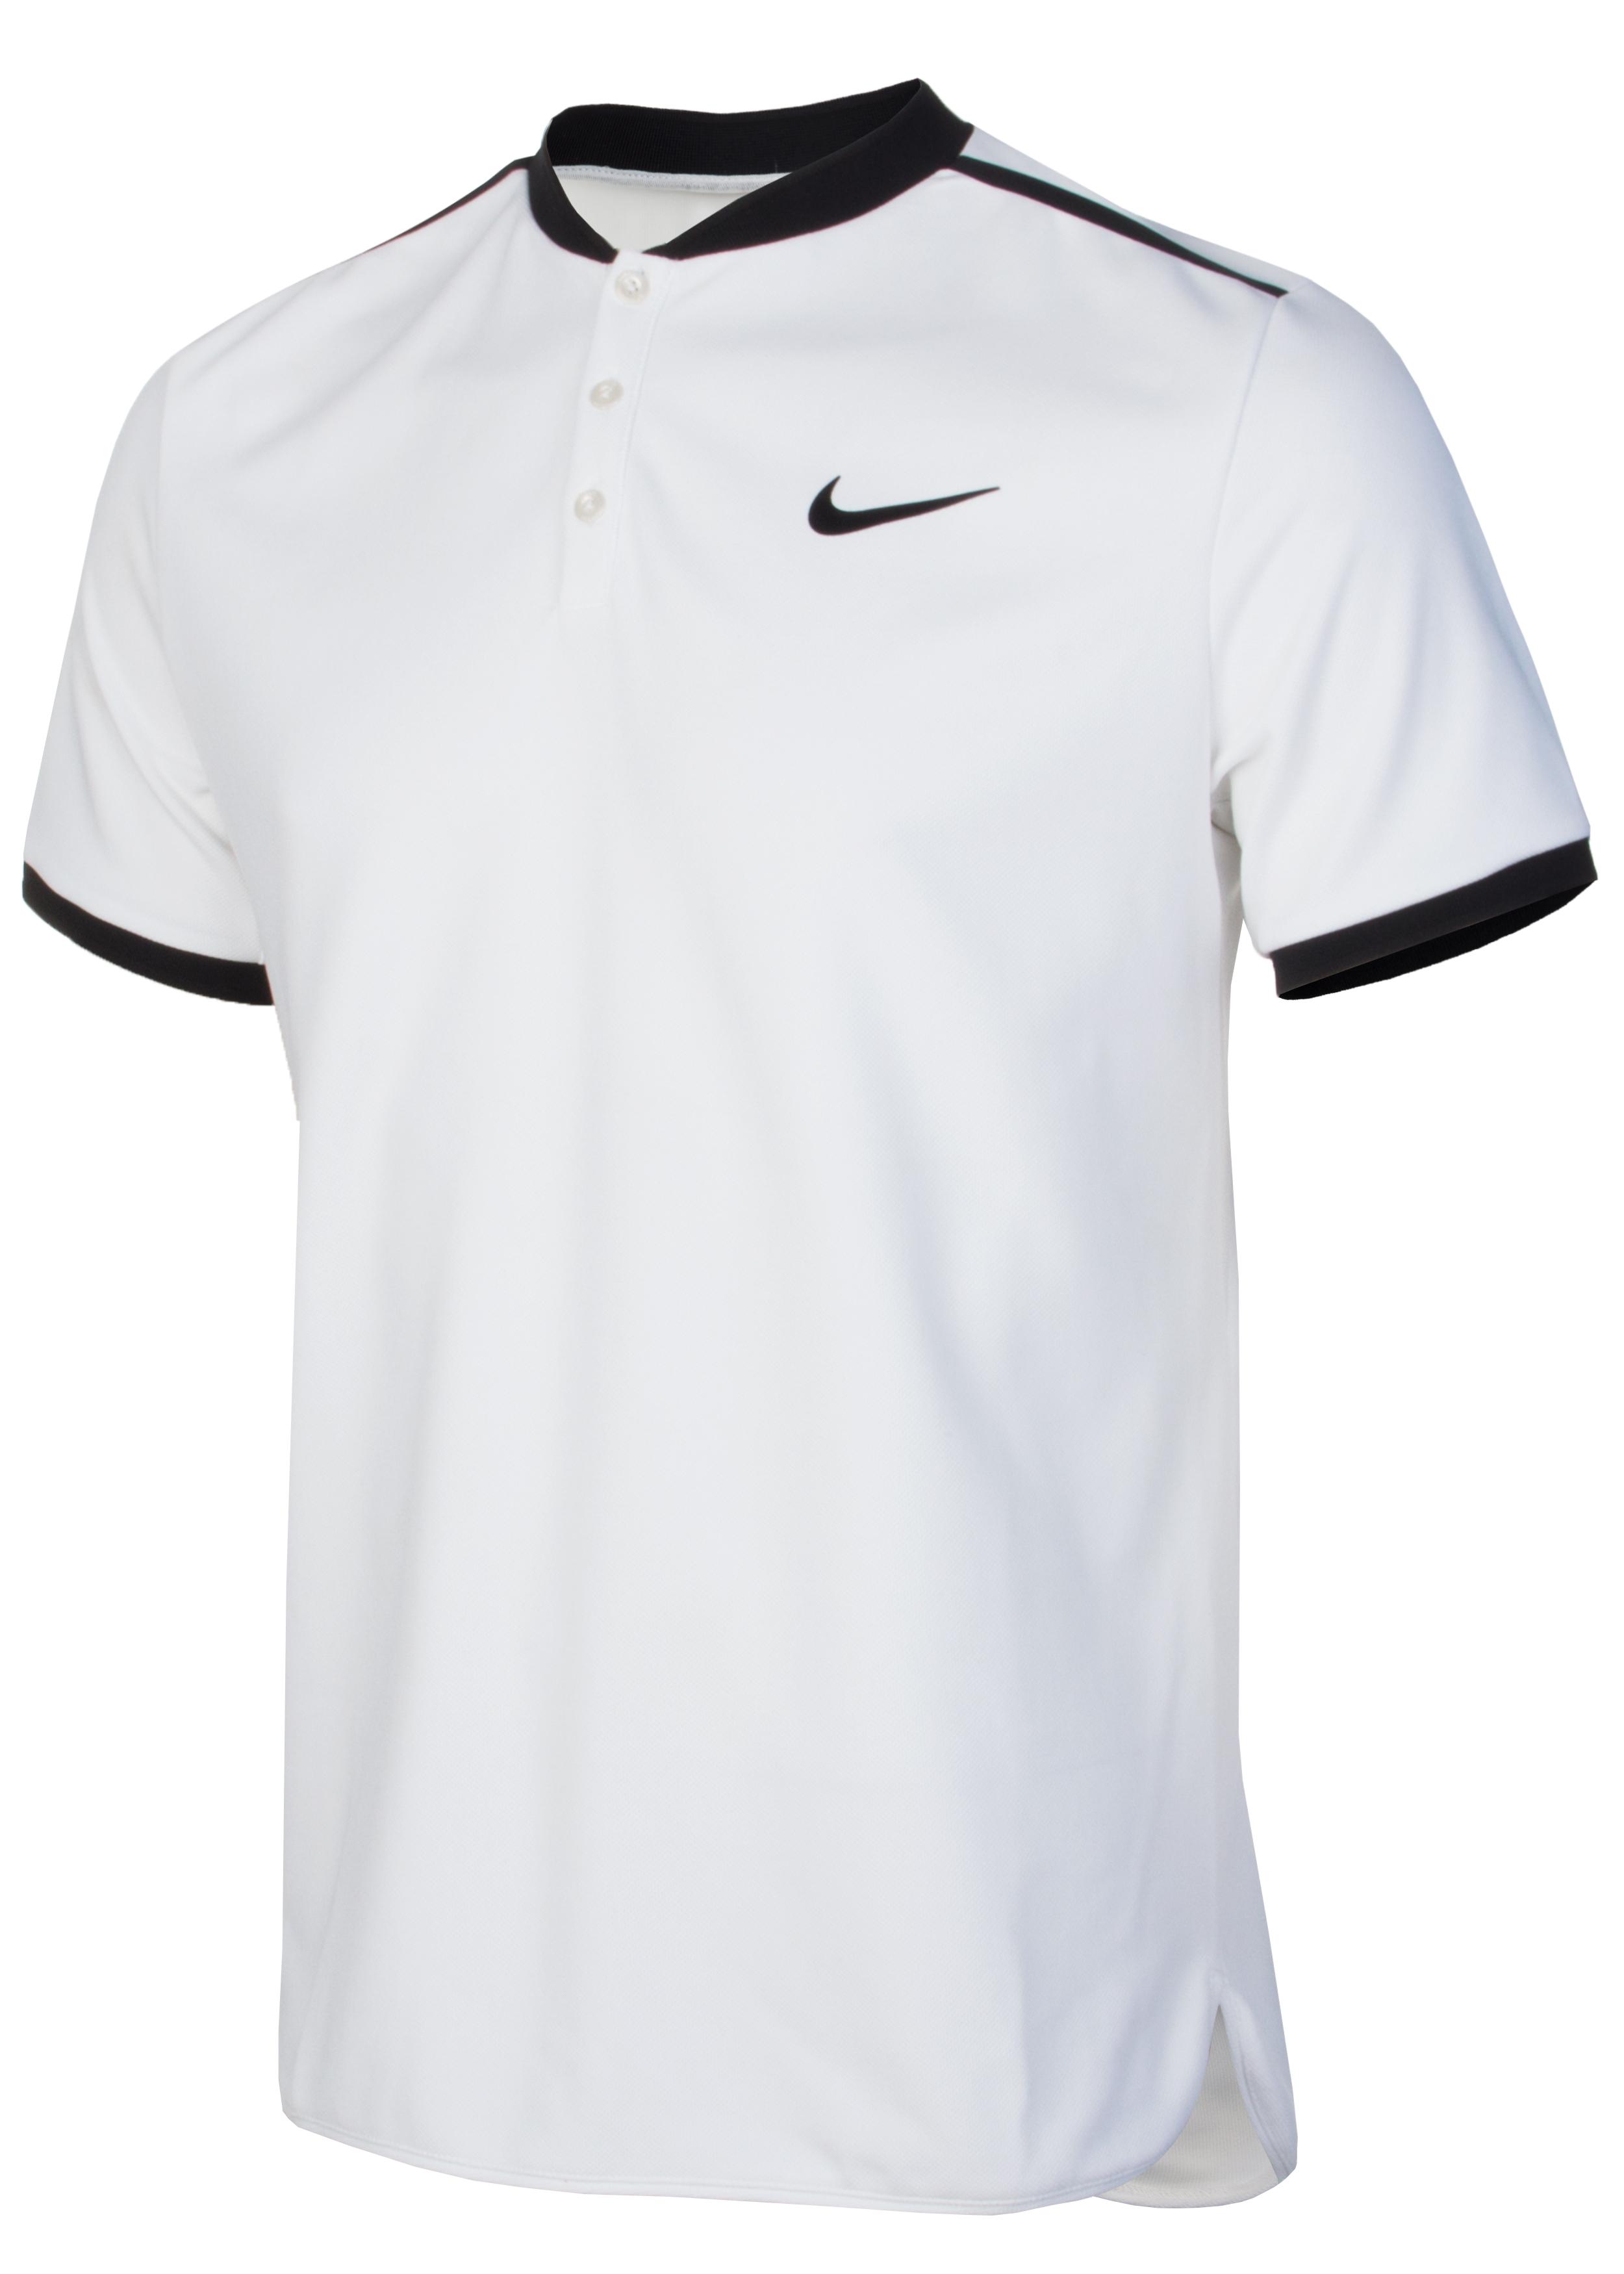 ee61ebf8af126 Поло мужское Nike Court Tennis белое - Сеть спортивных магазинов Чемпион